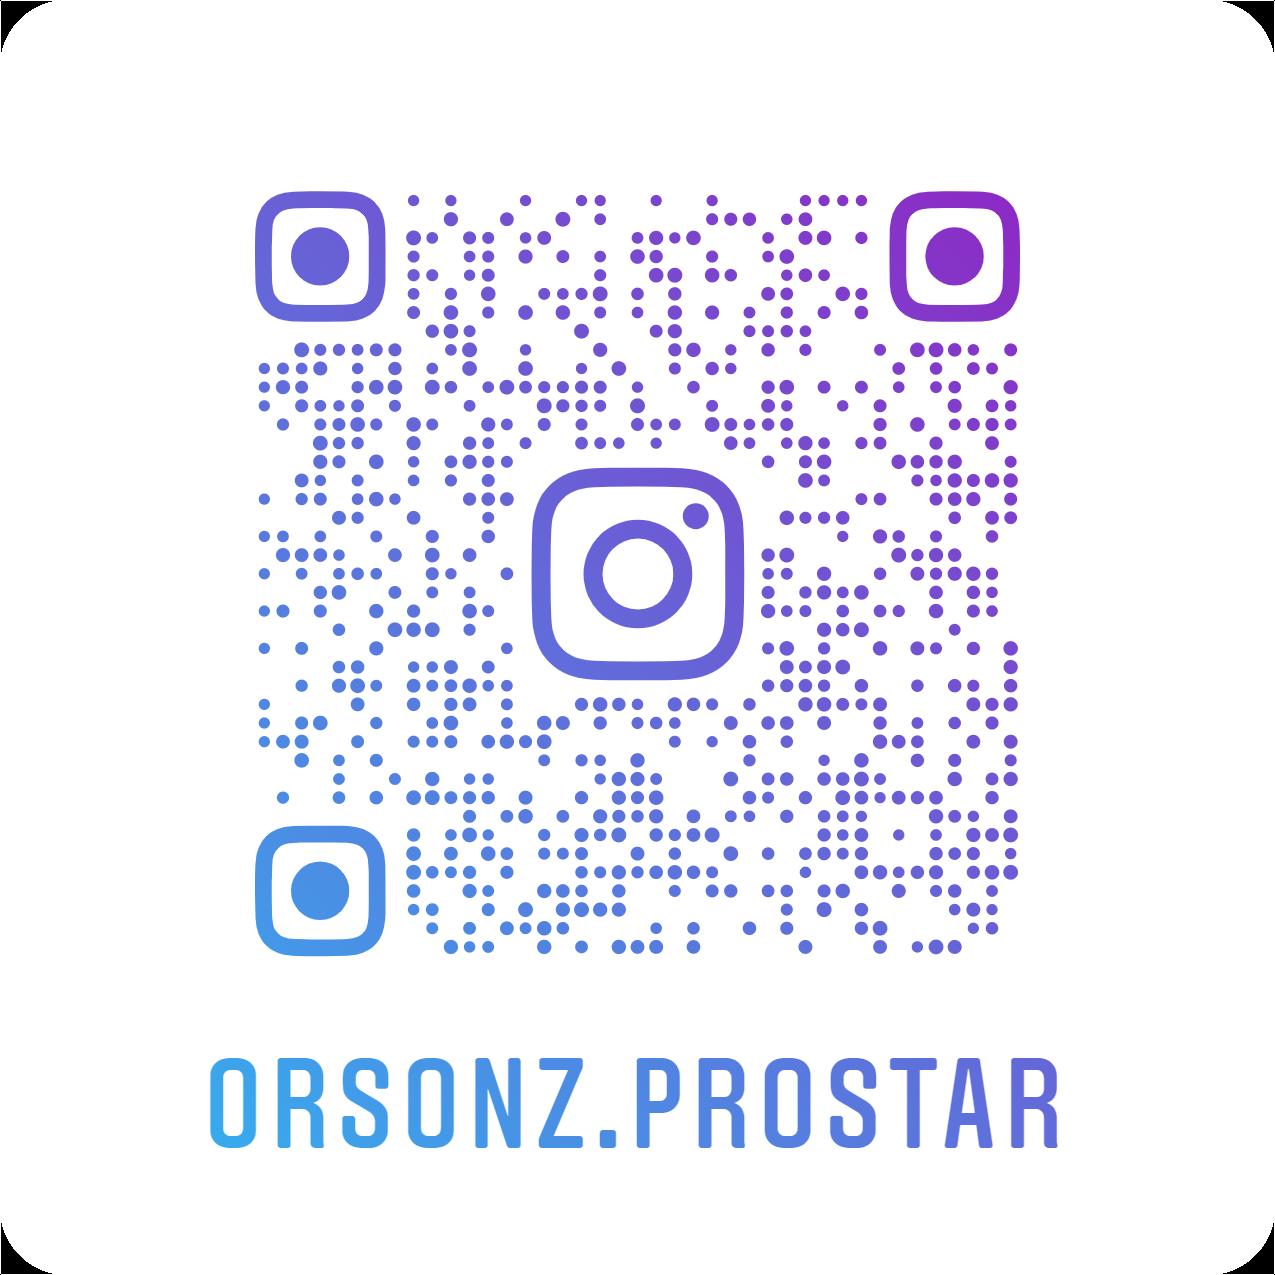 Prostar Official Instagram